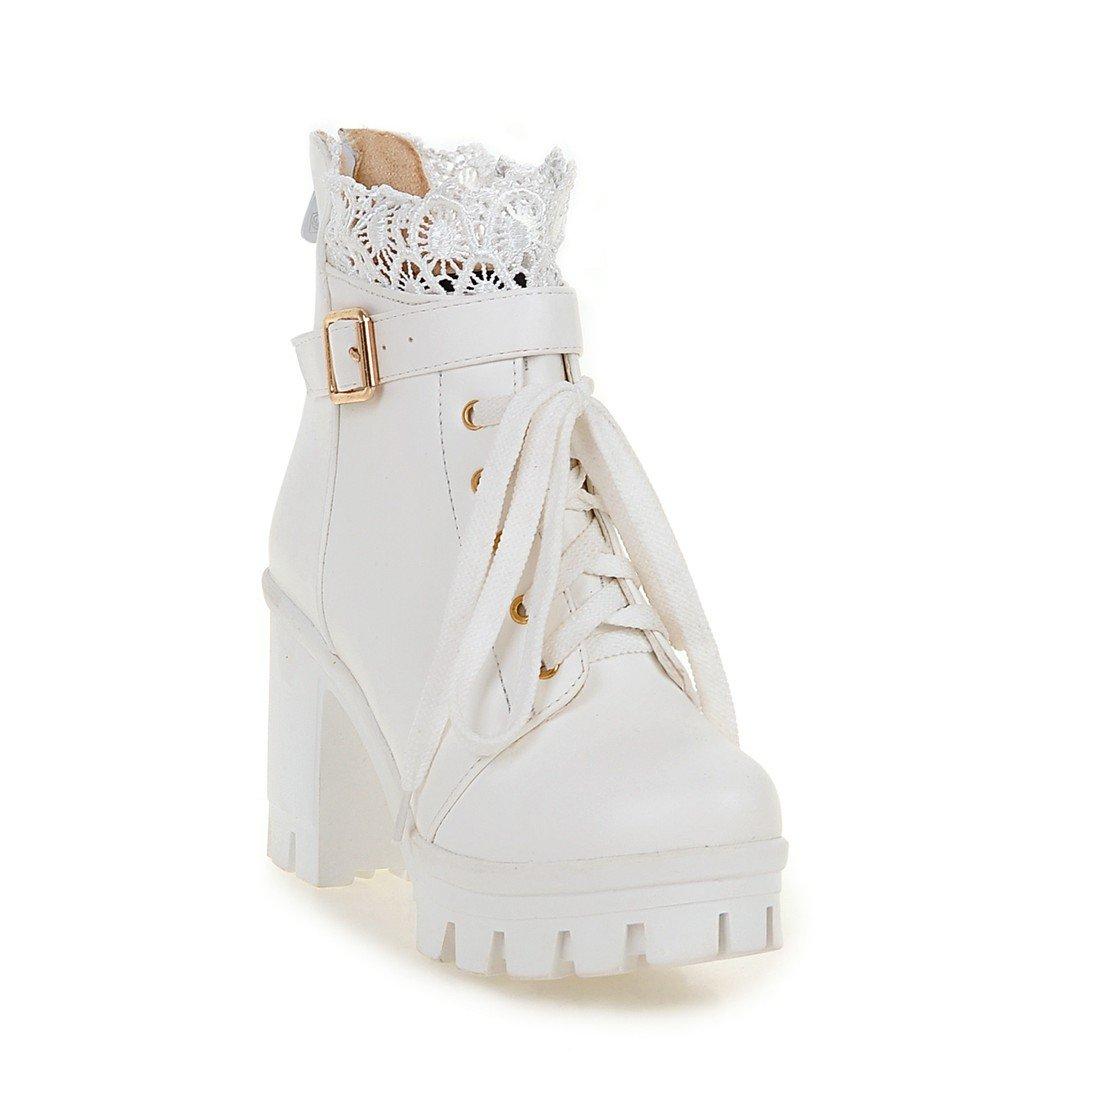 BalaMasa Abl09595, Sandales Abl09595, Blanc Compensées Compensées femme Blanc c779561 - piero.space